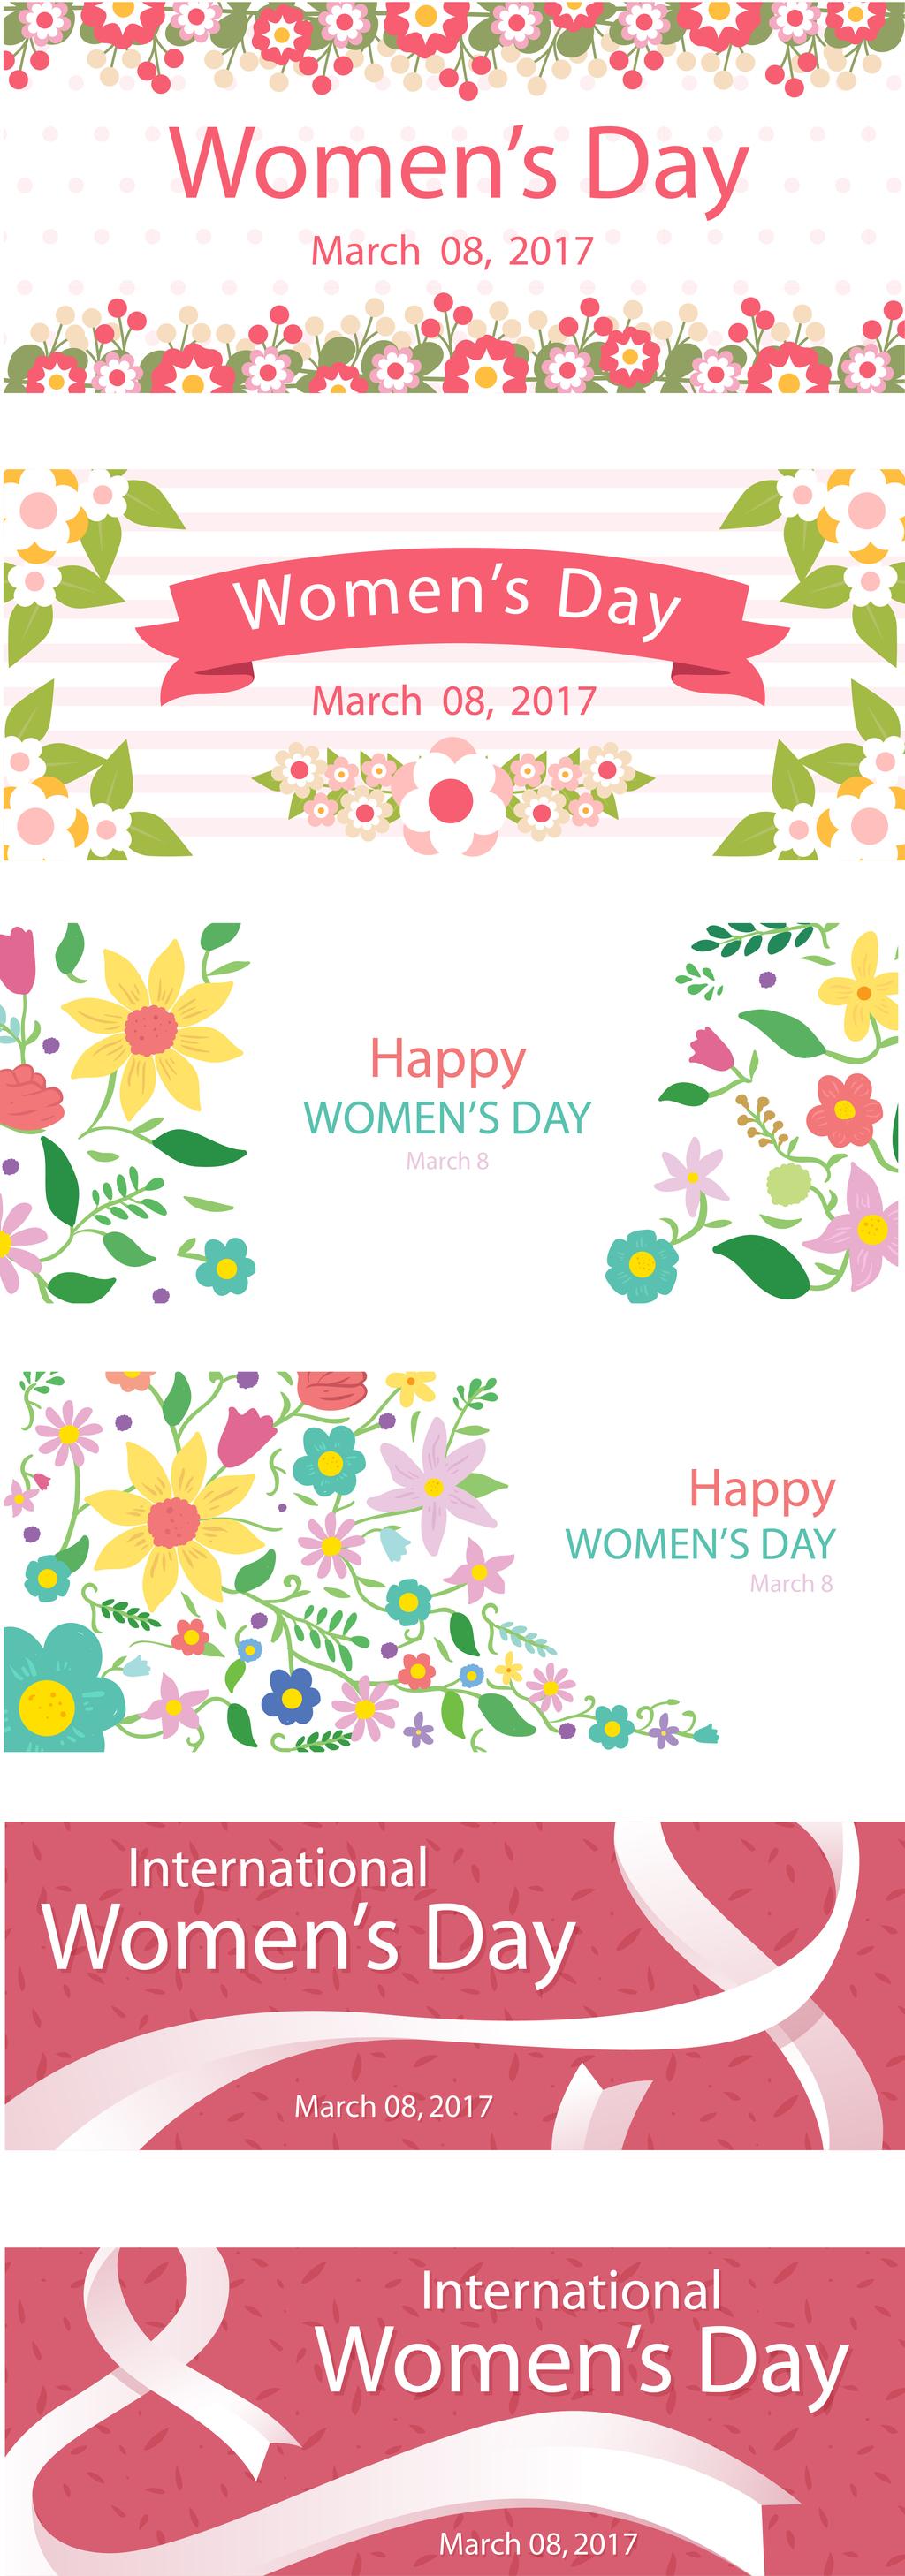 花卉卡片背景手绘素描素材ai矢量图下载